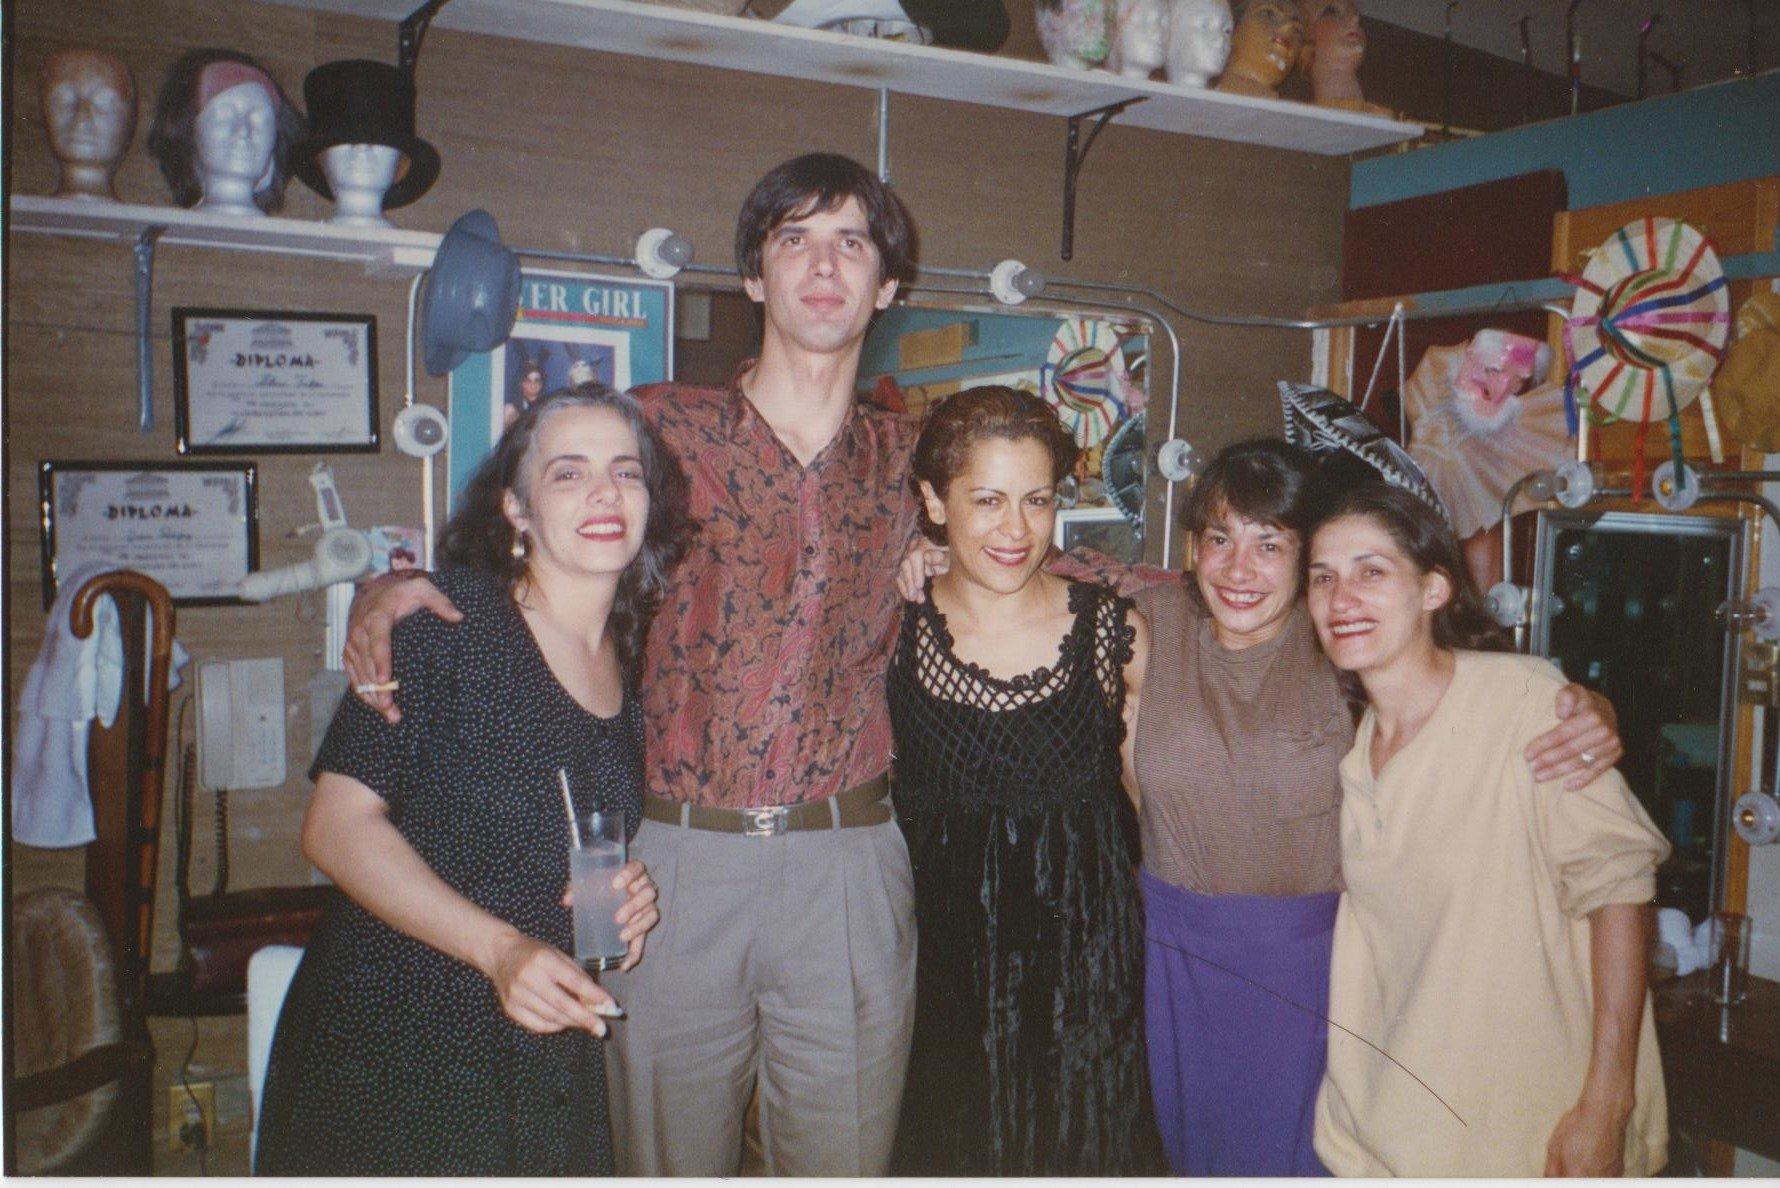 Malú Huacuja del Toro con Jesusa Rodríquez (der.), Eugenia León, Eduardo García Barrios y Annette Fradera (izq.) en el extinto Bar El Hábito, donde trabajó como guionista 5 años.